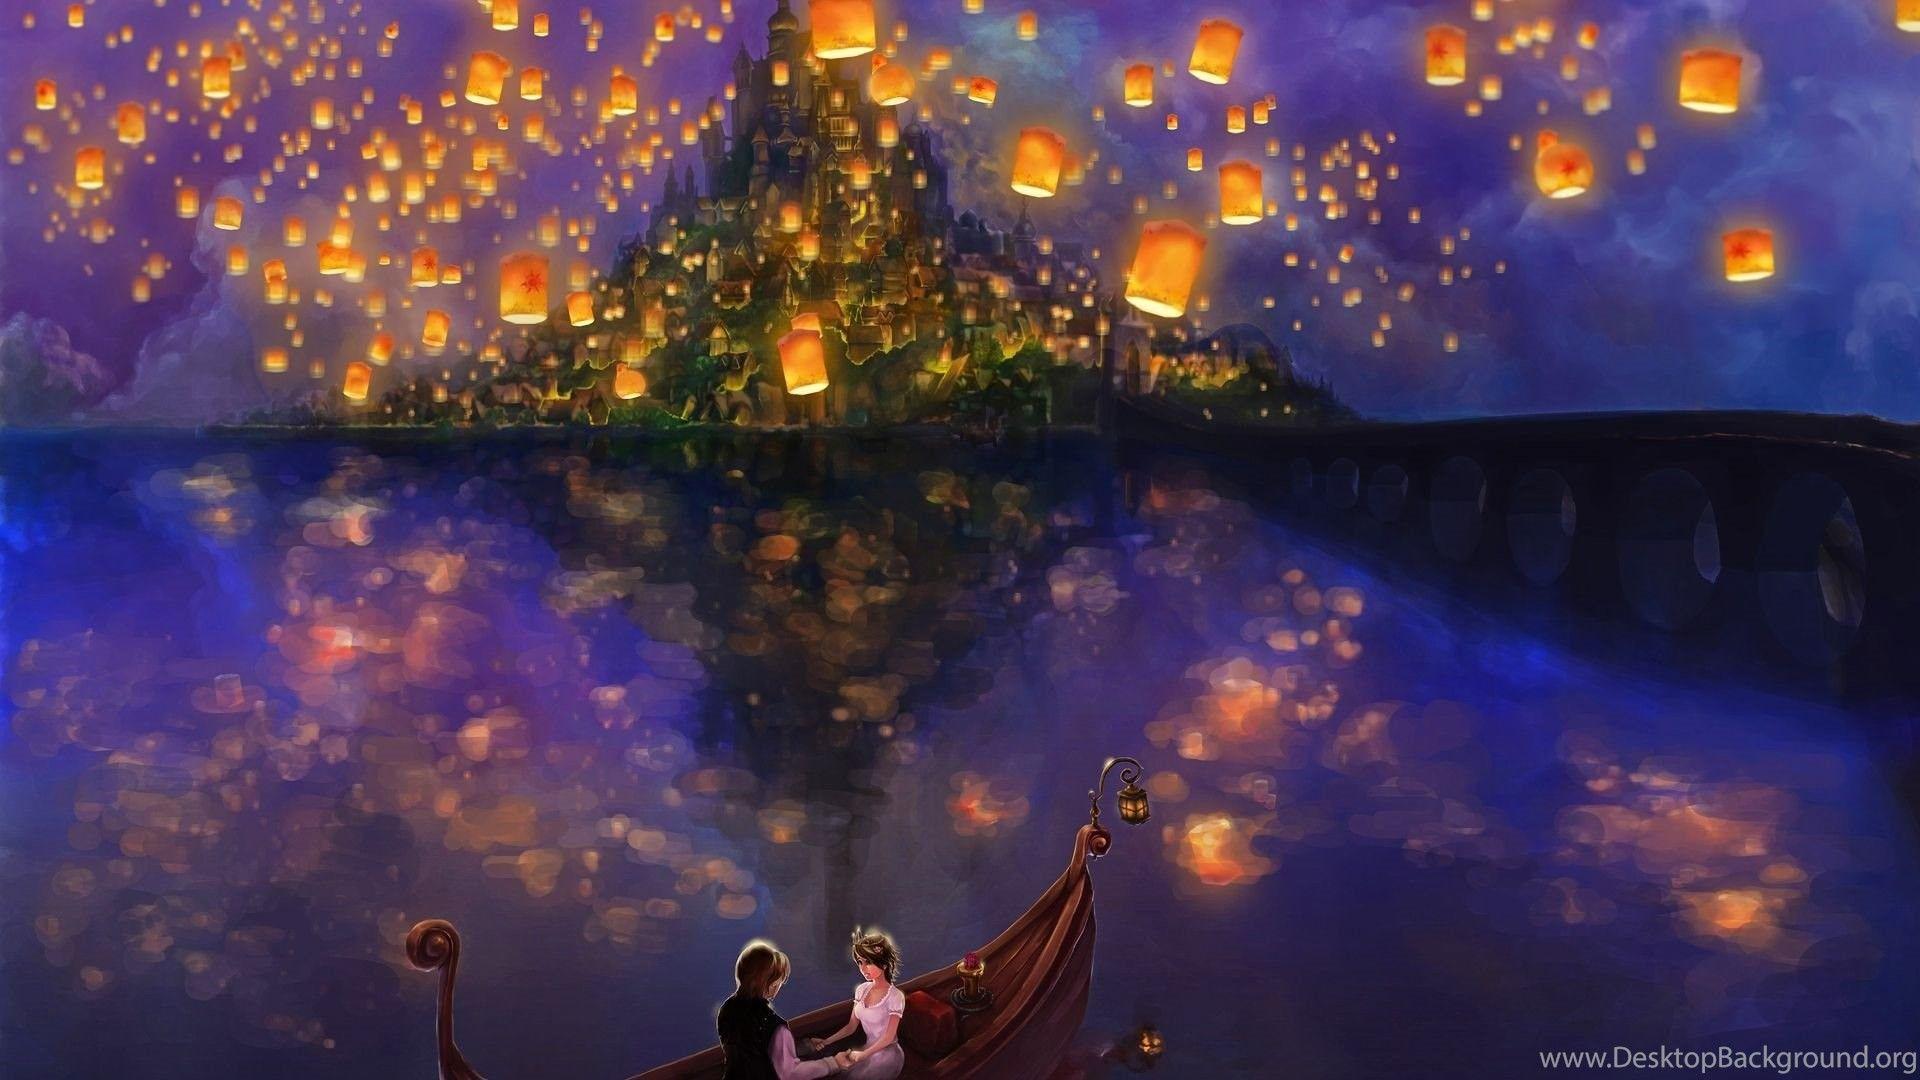 Studio Ghibli Aesthetic Desktop Wallpapers Top Free Studio Ghibli Aesthetic Desktop Backgrounds Wallpaperaccess